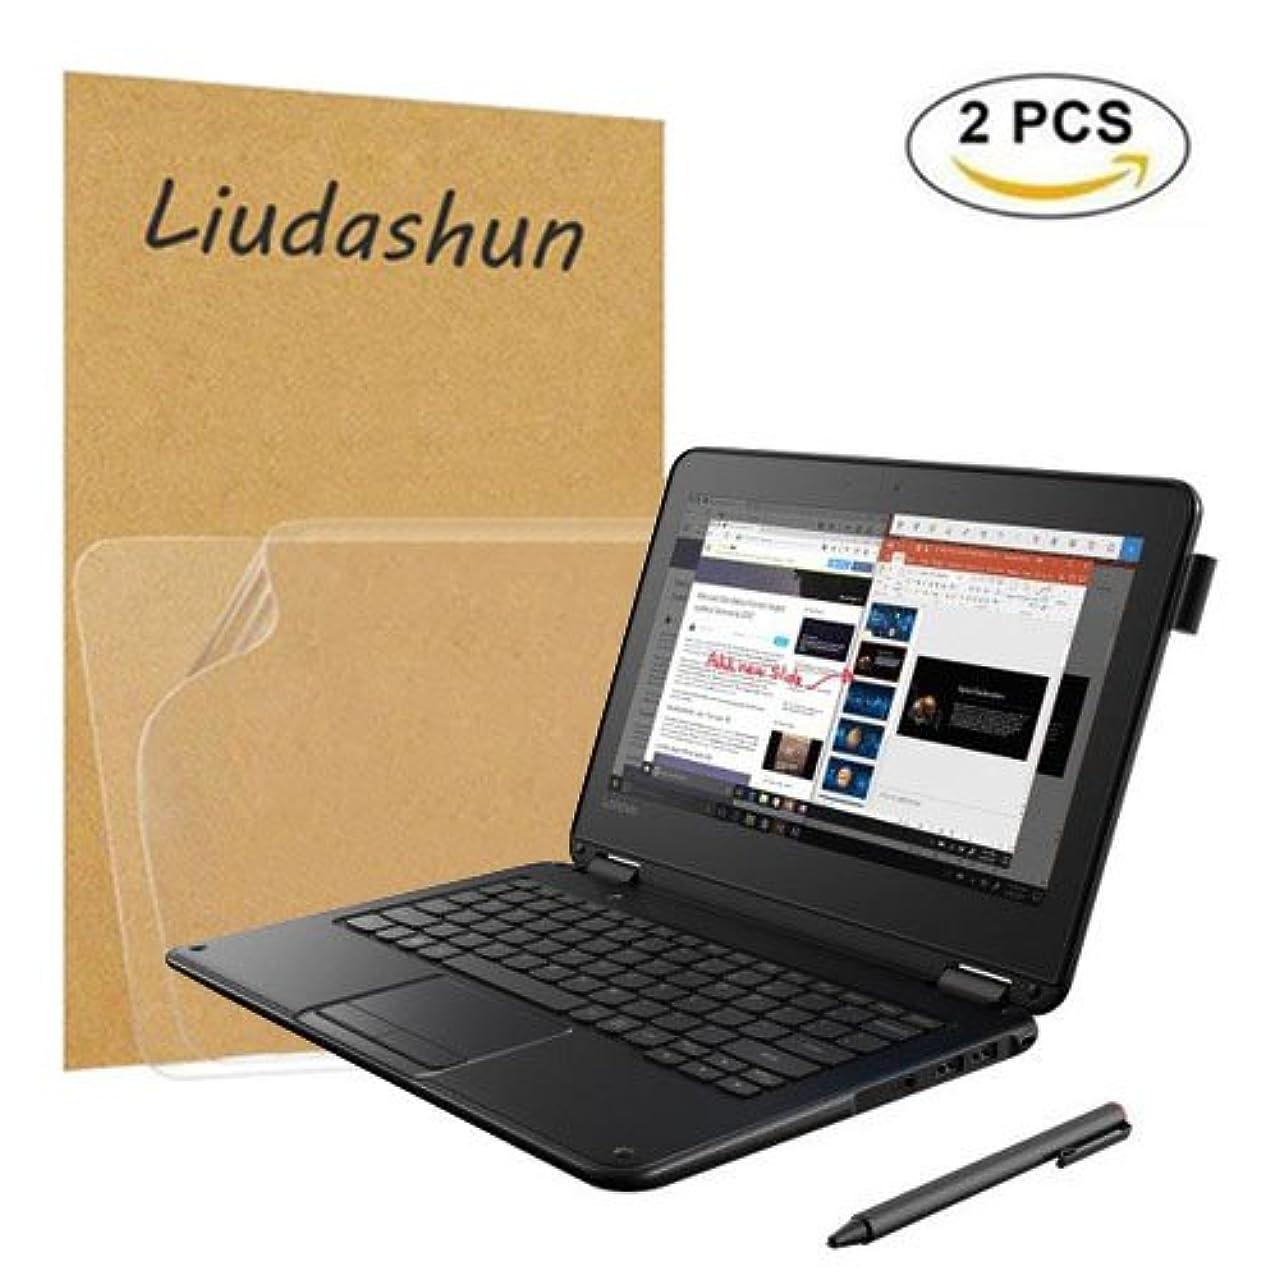 Liudashun Screen Protector for Lenovo 300e Windows 2-in-1 11.6